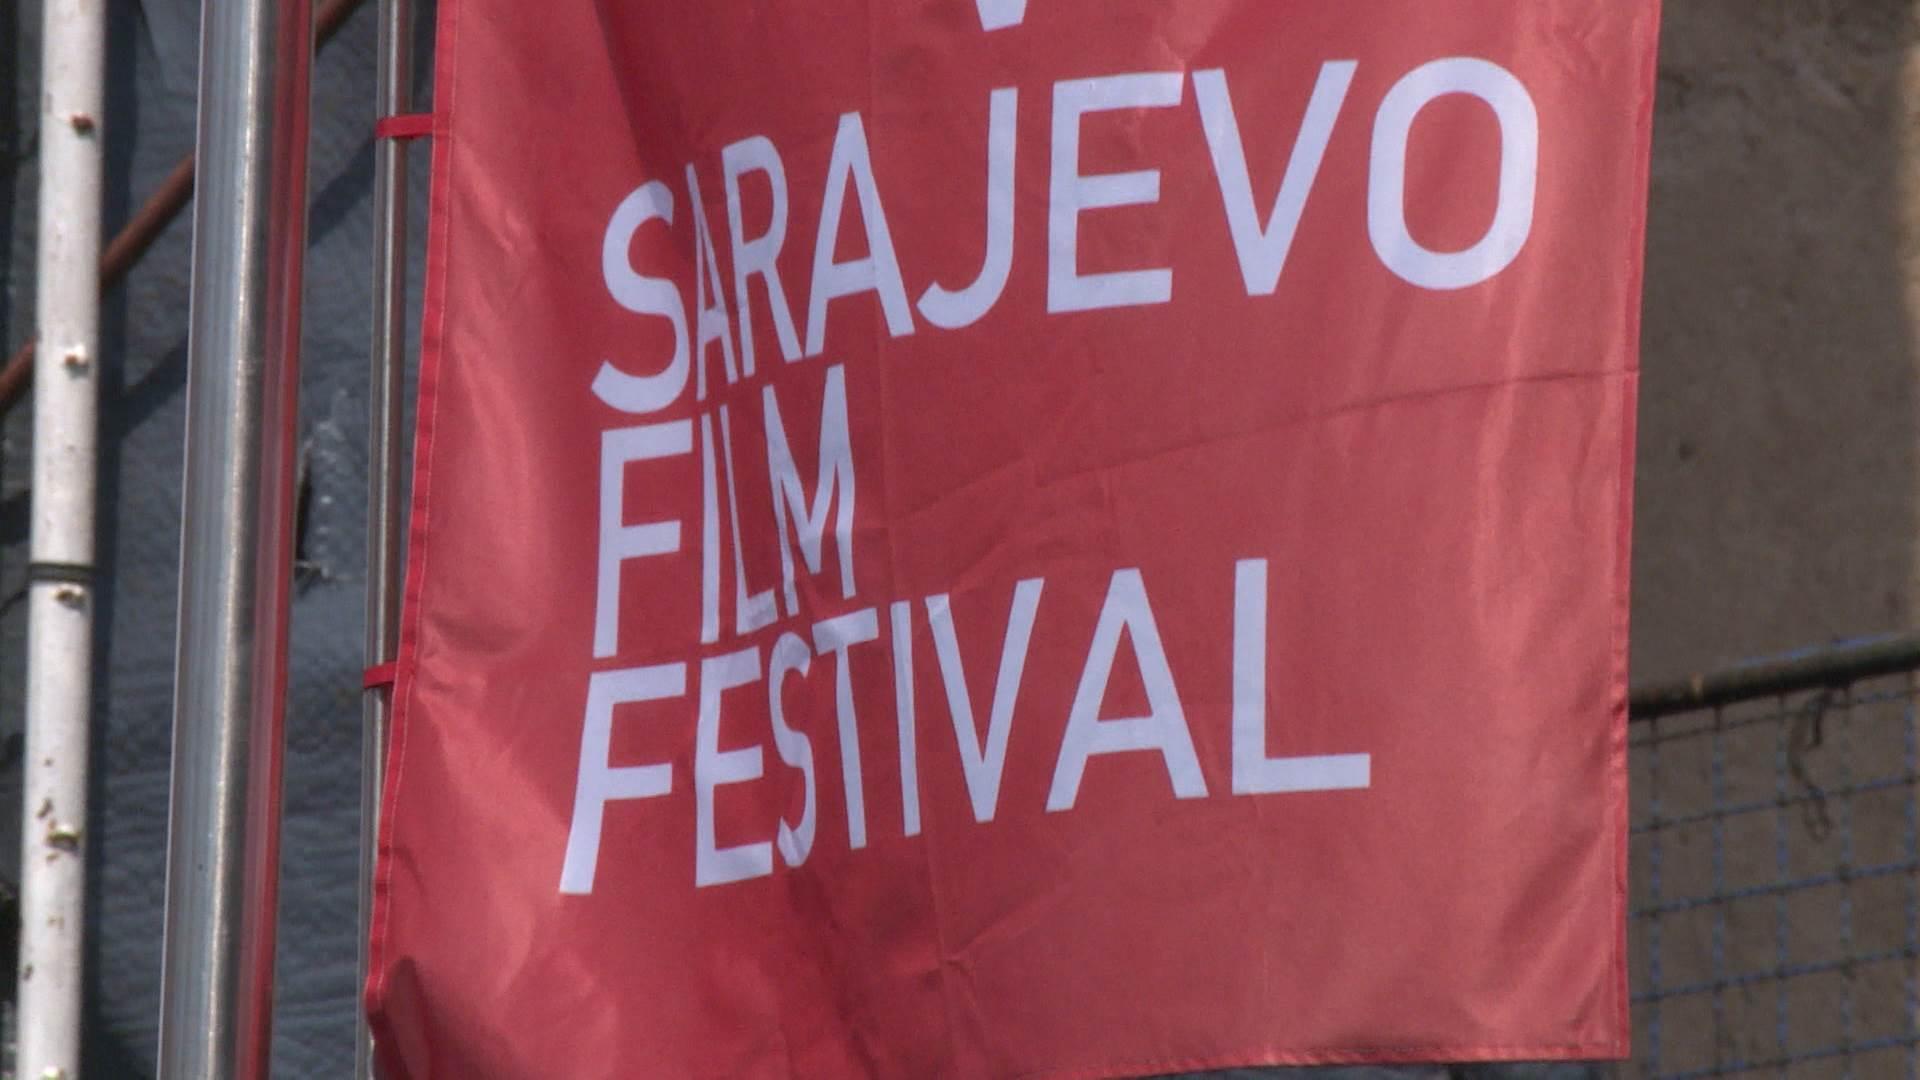 Sarajevo Flm Festival zbog koronavirusa ipak prebačen na online platformu